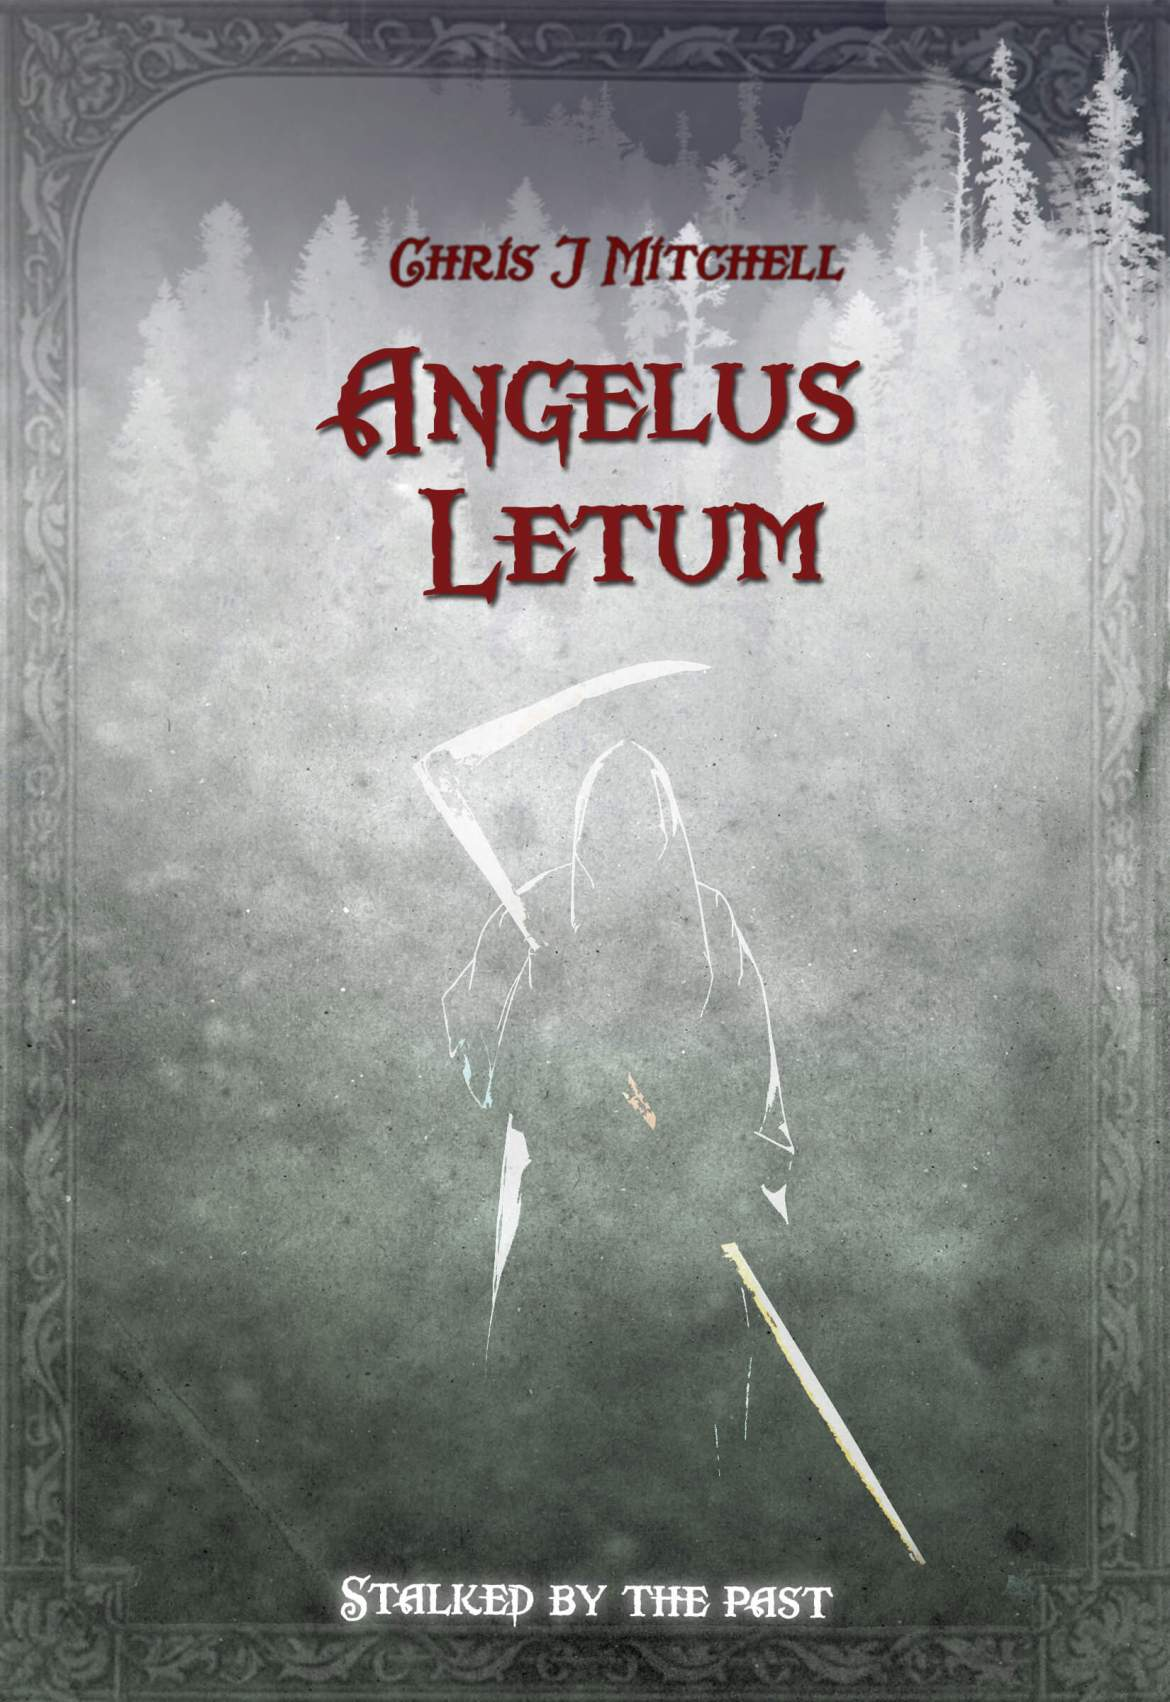 Angelus Letum